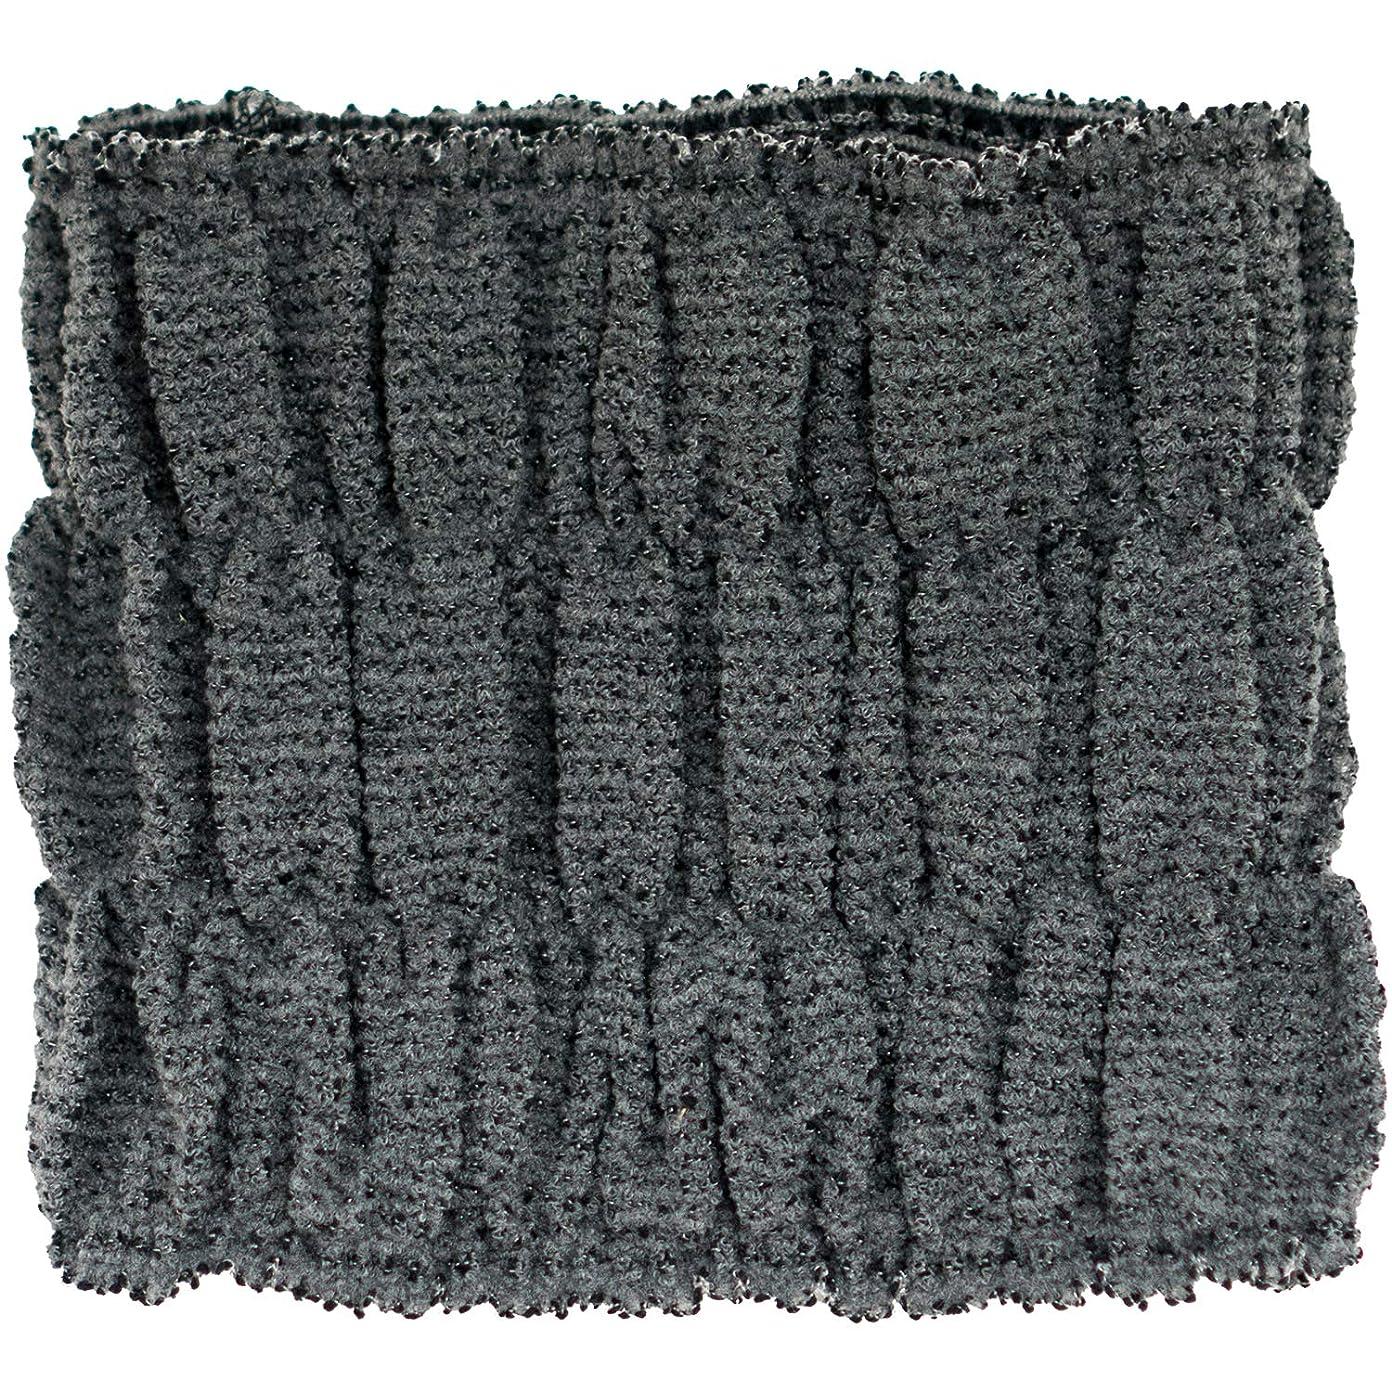 事故信頼できる十分ではないオカ(OKA) ヘアドライタオル ブラック 約15cm×16cm カラートリートメント用バスヘアターバン